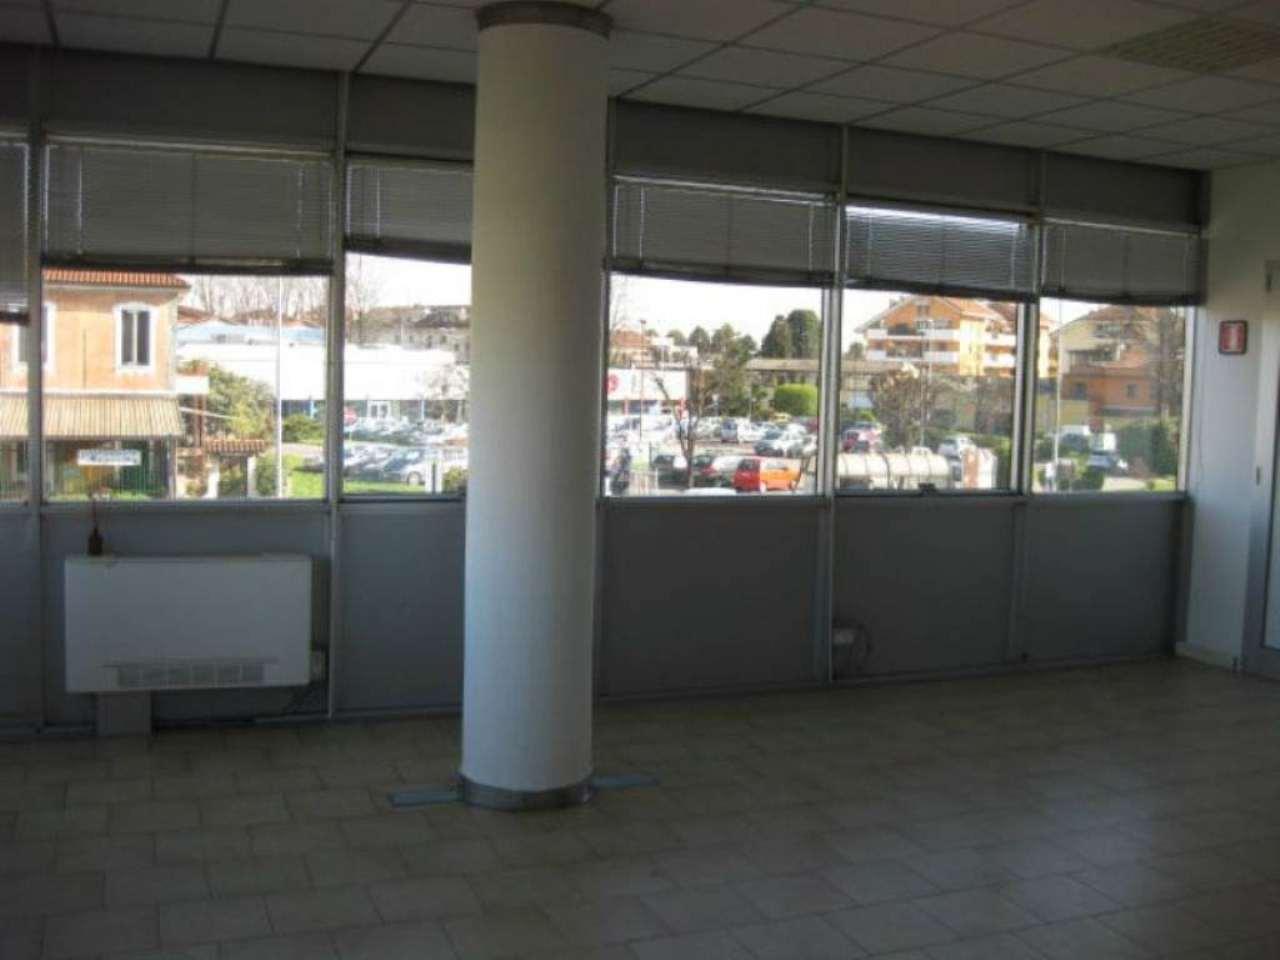 Ufficio / Studio in affitto a Bareggio, 1 locali, prezzo € 450 | CambioCasa.it